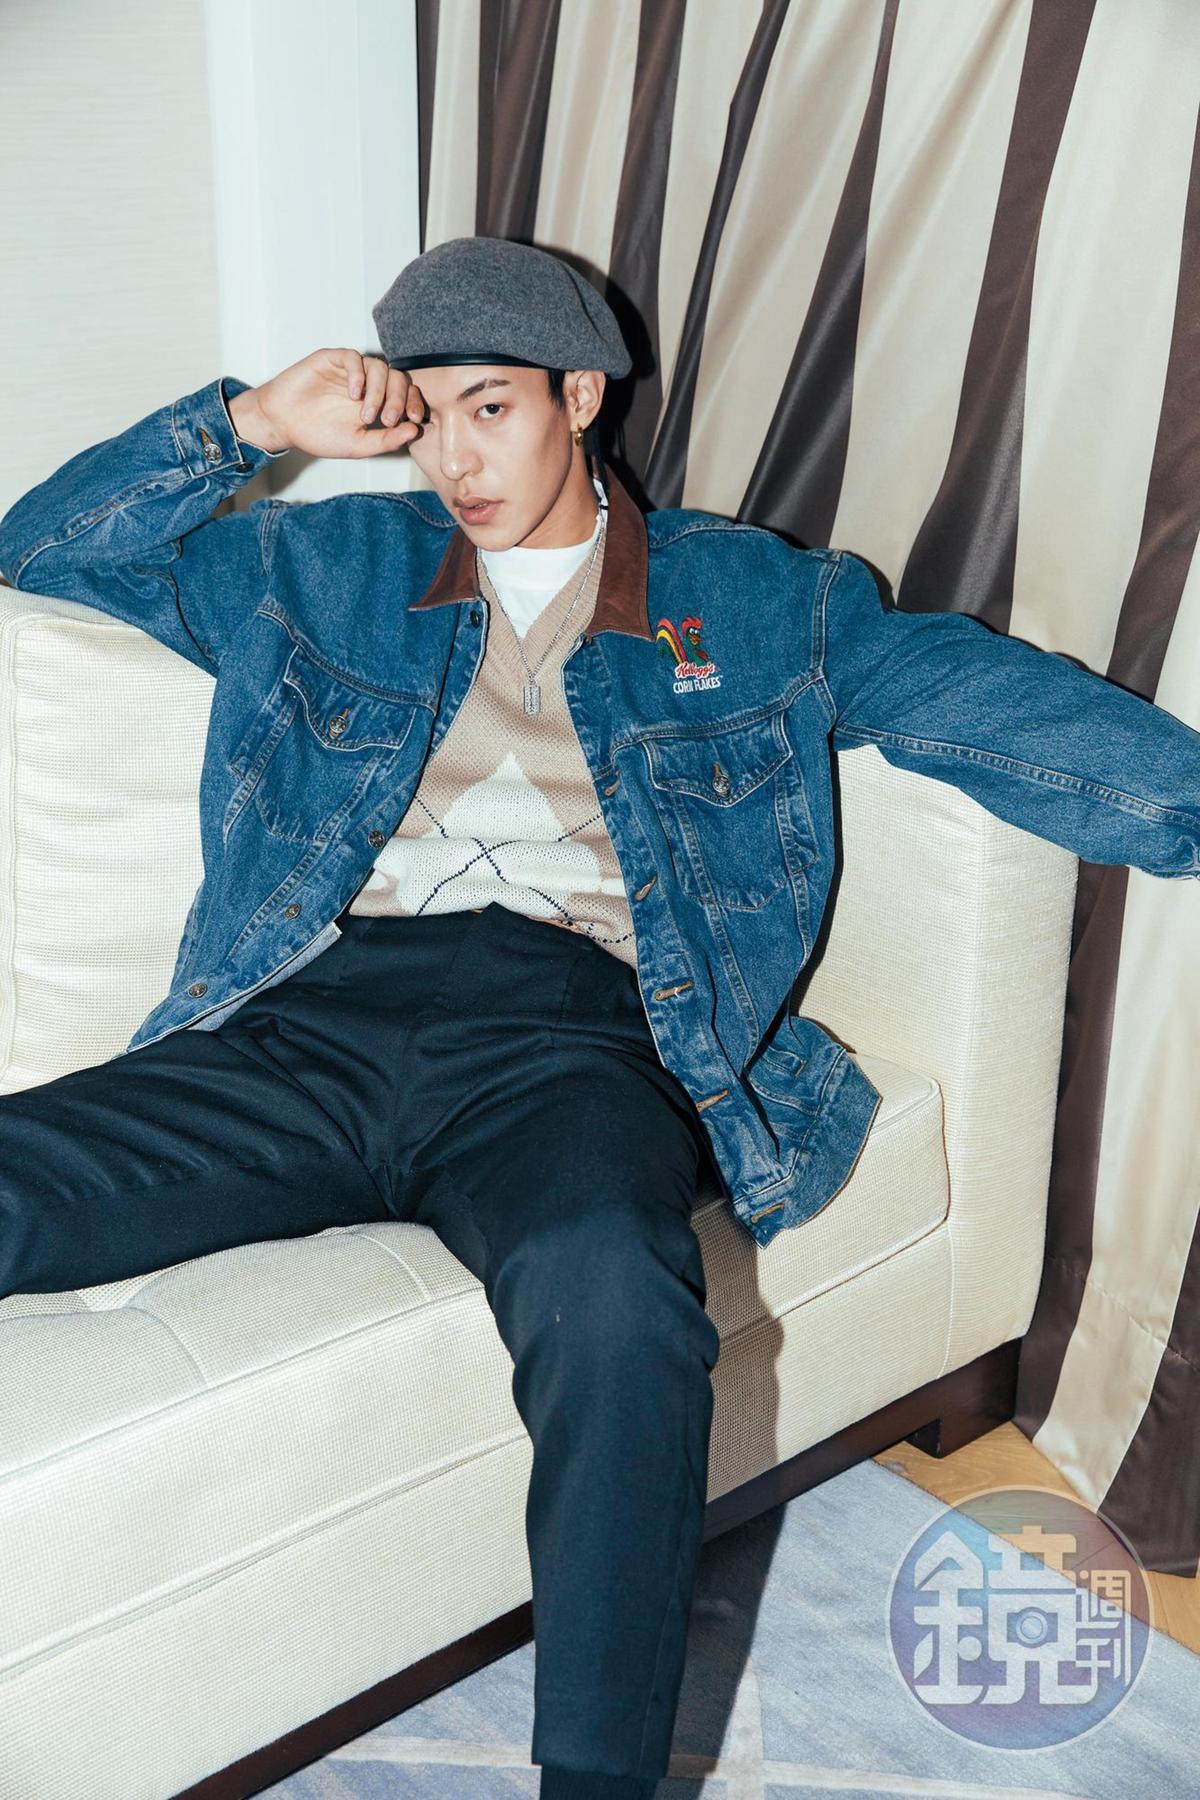 卜凡手長腳長身材挺拔,曾擔任模特兒,經過時尚圈訓練,對走秀、拍照都相當擅長。 卜凡(22歲),身高:192公分,學歷:北京服裝學院